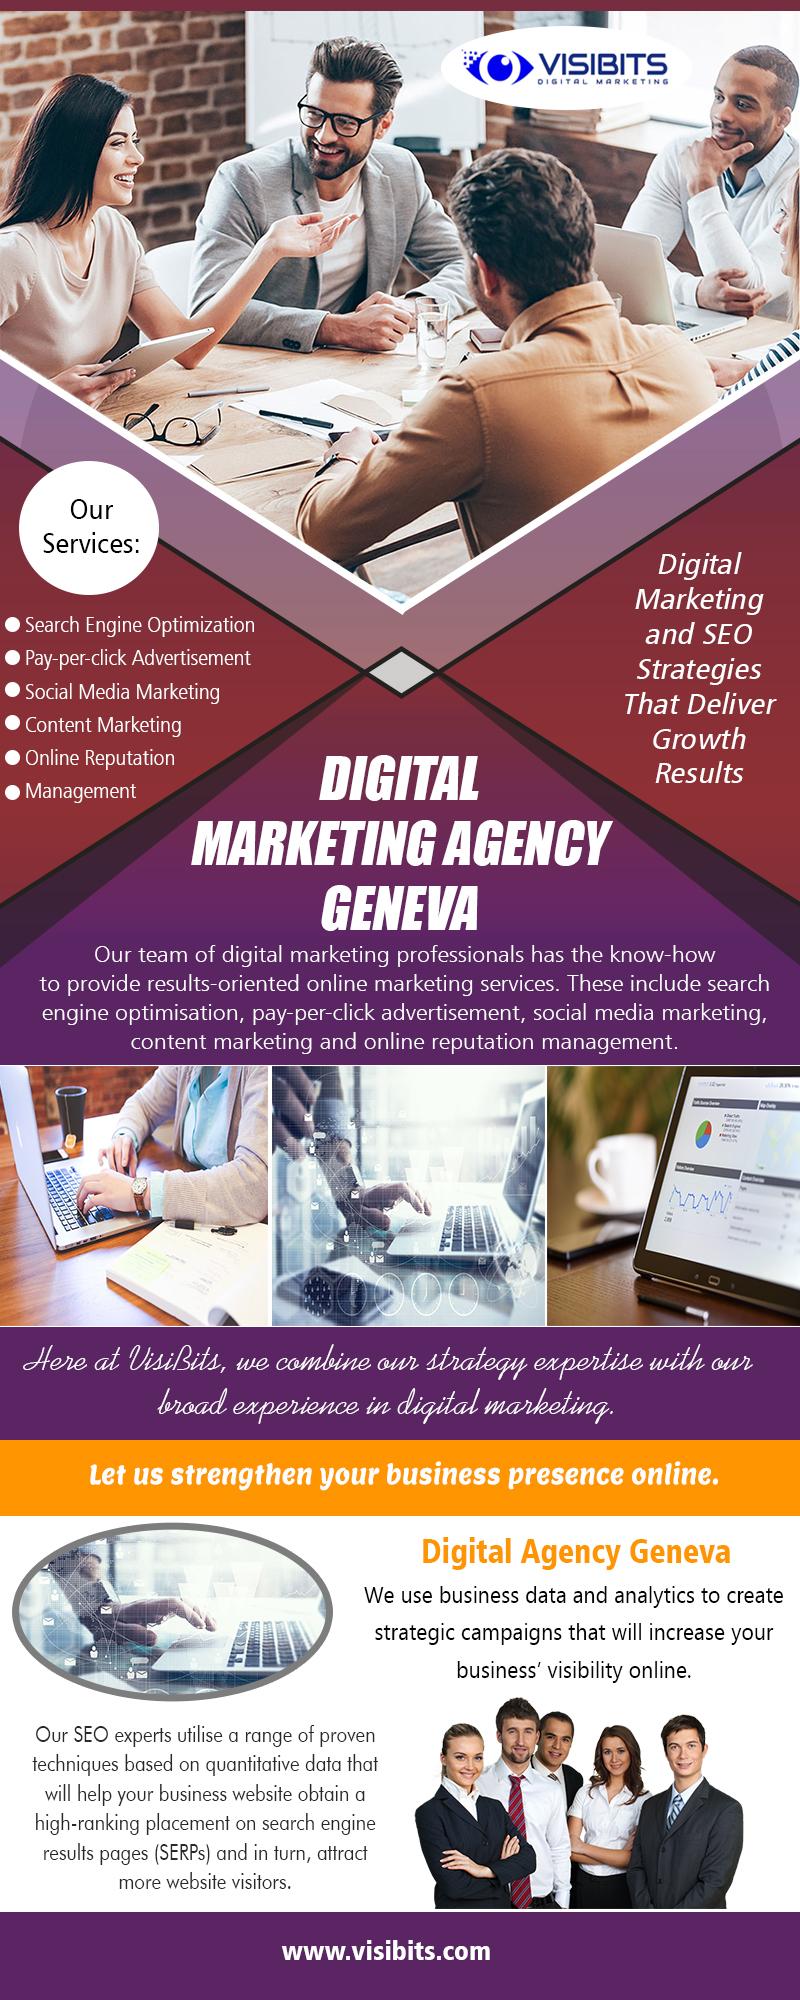 Digital Marketing Agency Geneva